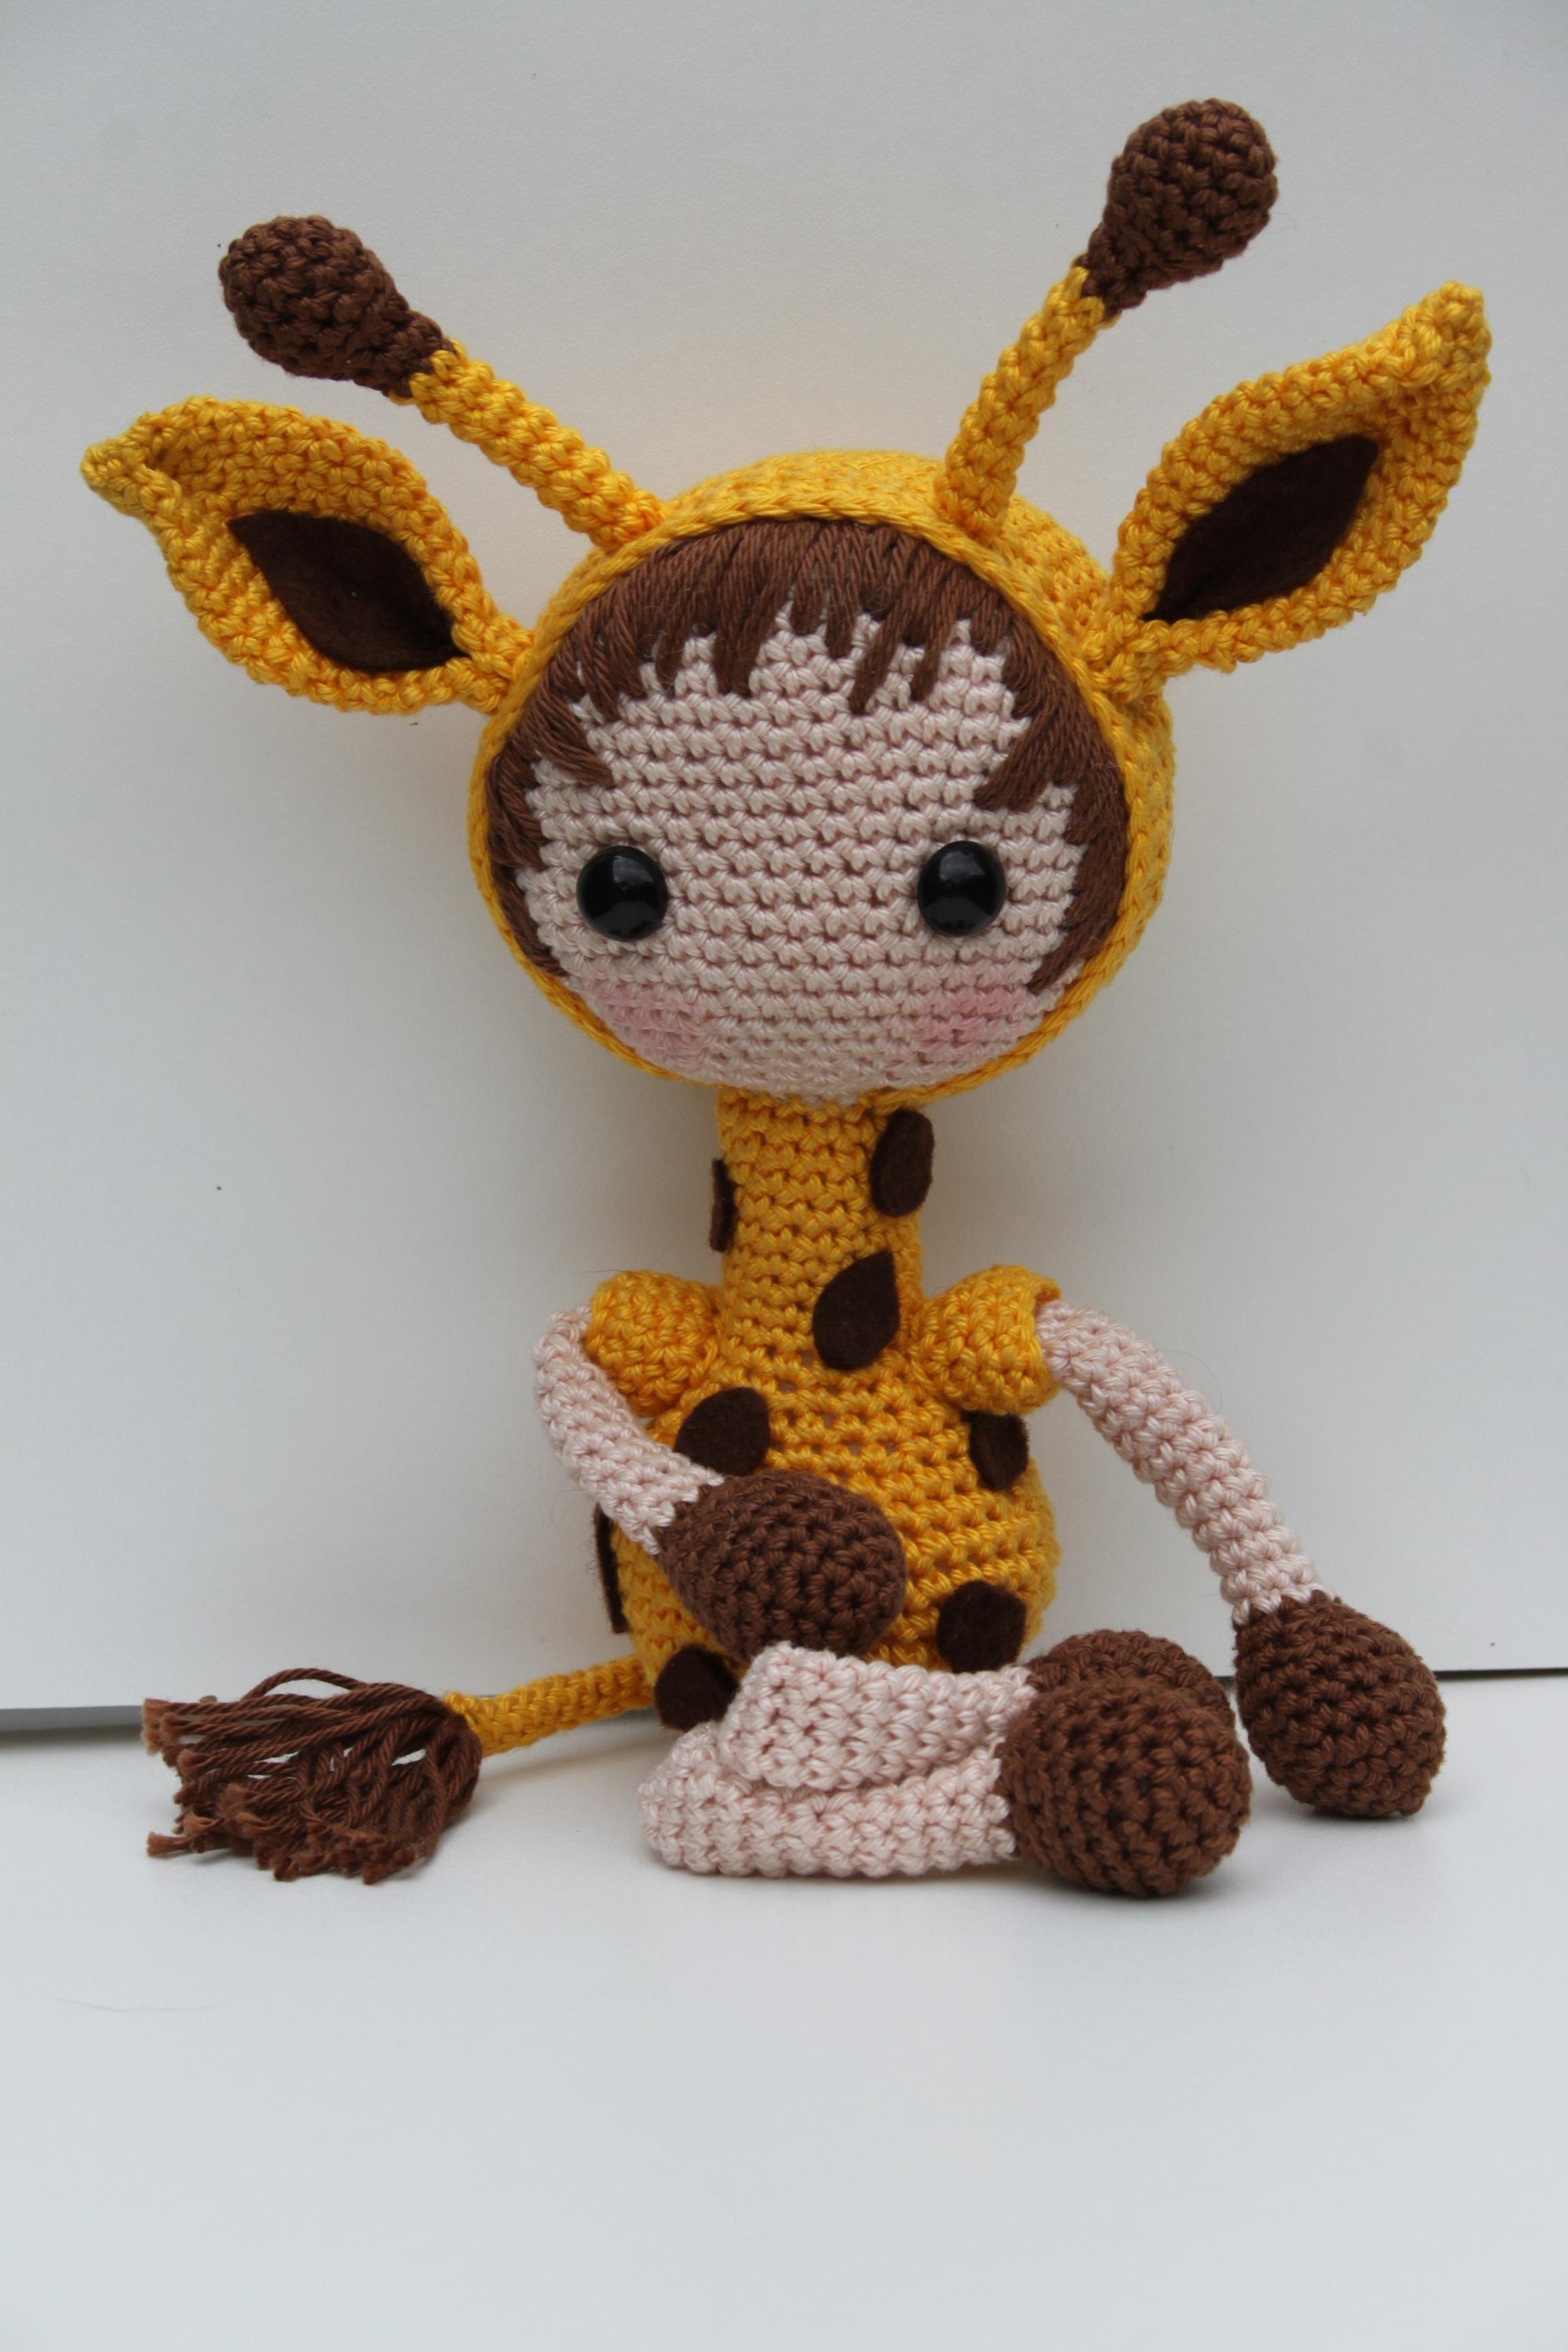 Kostenlose foto : Muster, Gelb, Spielzeug, Umarmung, häkeln, Textil ...